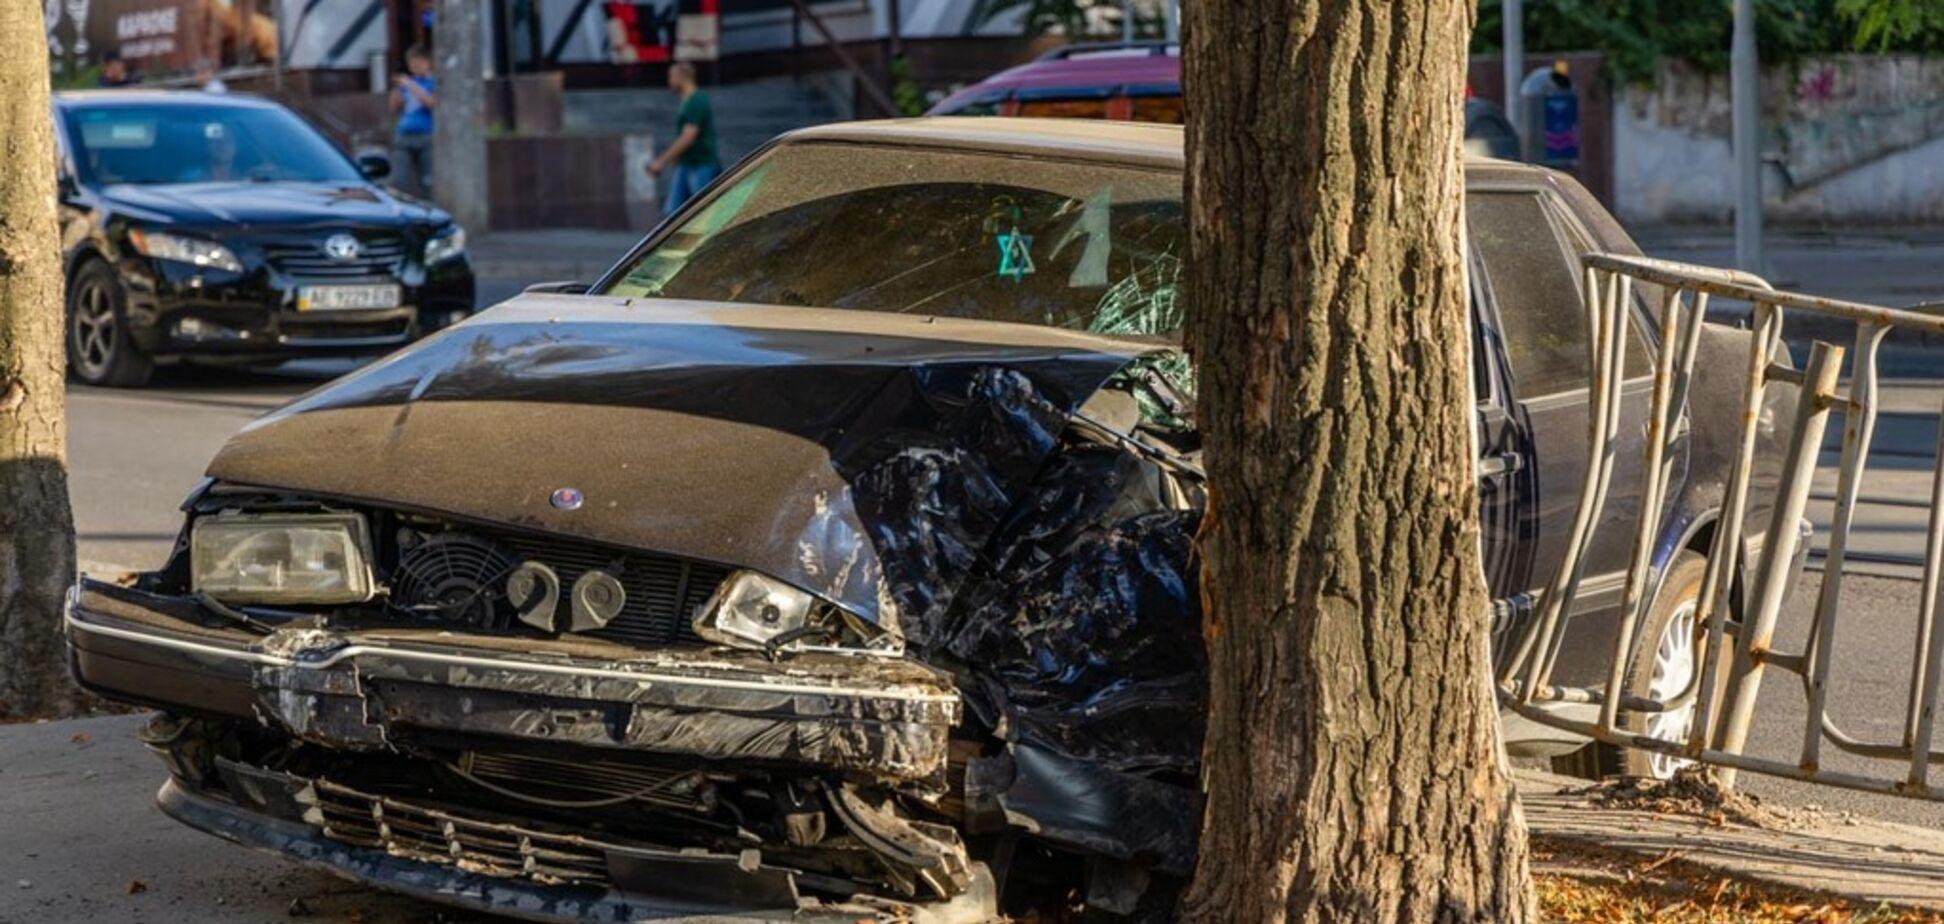 Мчалась на красный: в Днепре в жутком ДТП пострадала женщина